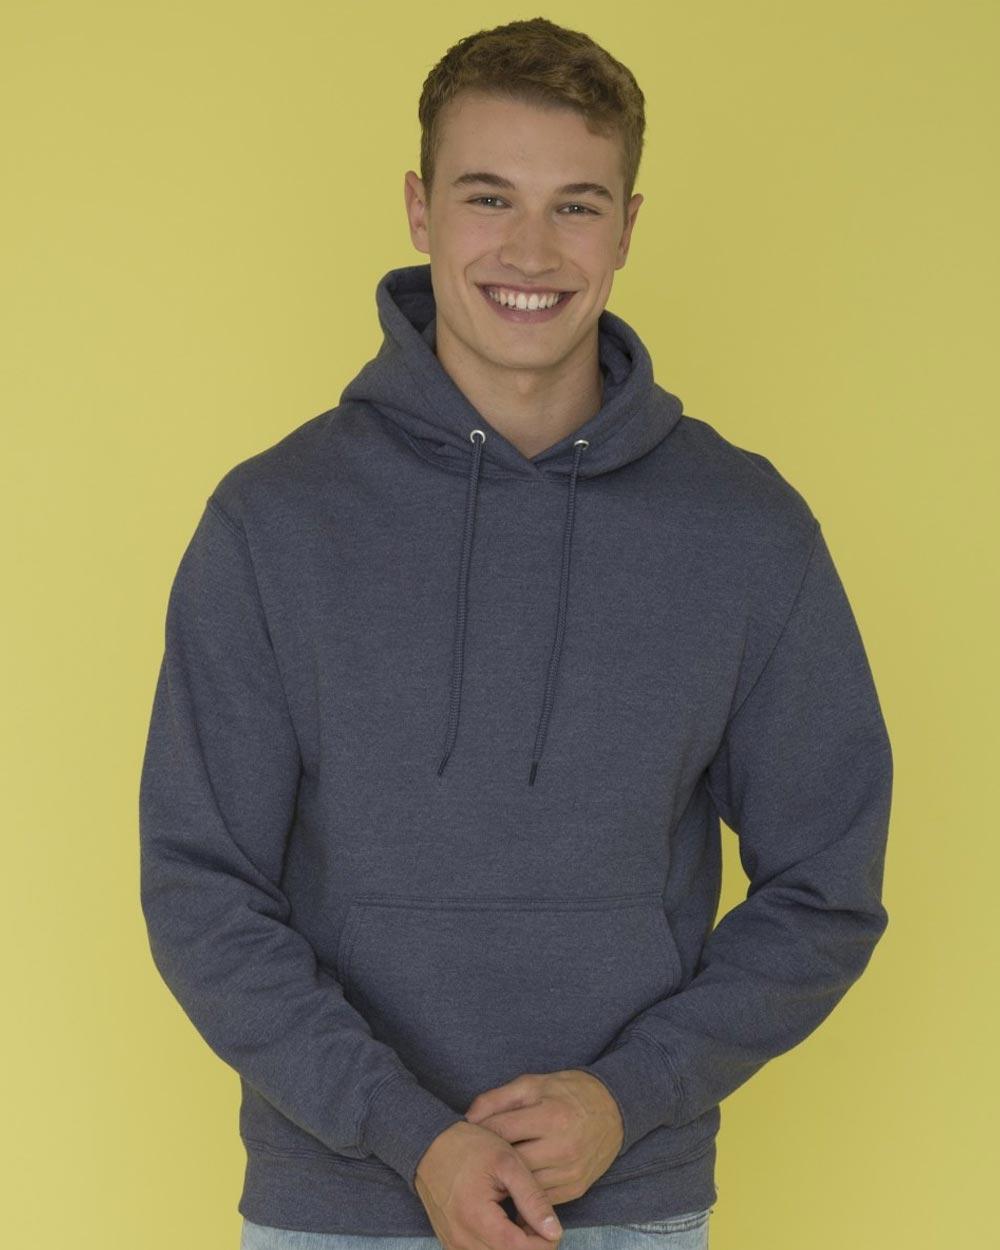 ATC F2500 - Everyday Fleece Hooded Sweatshirt